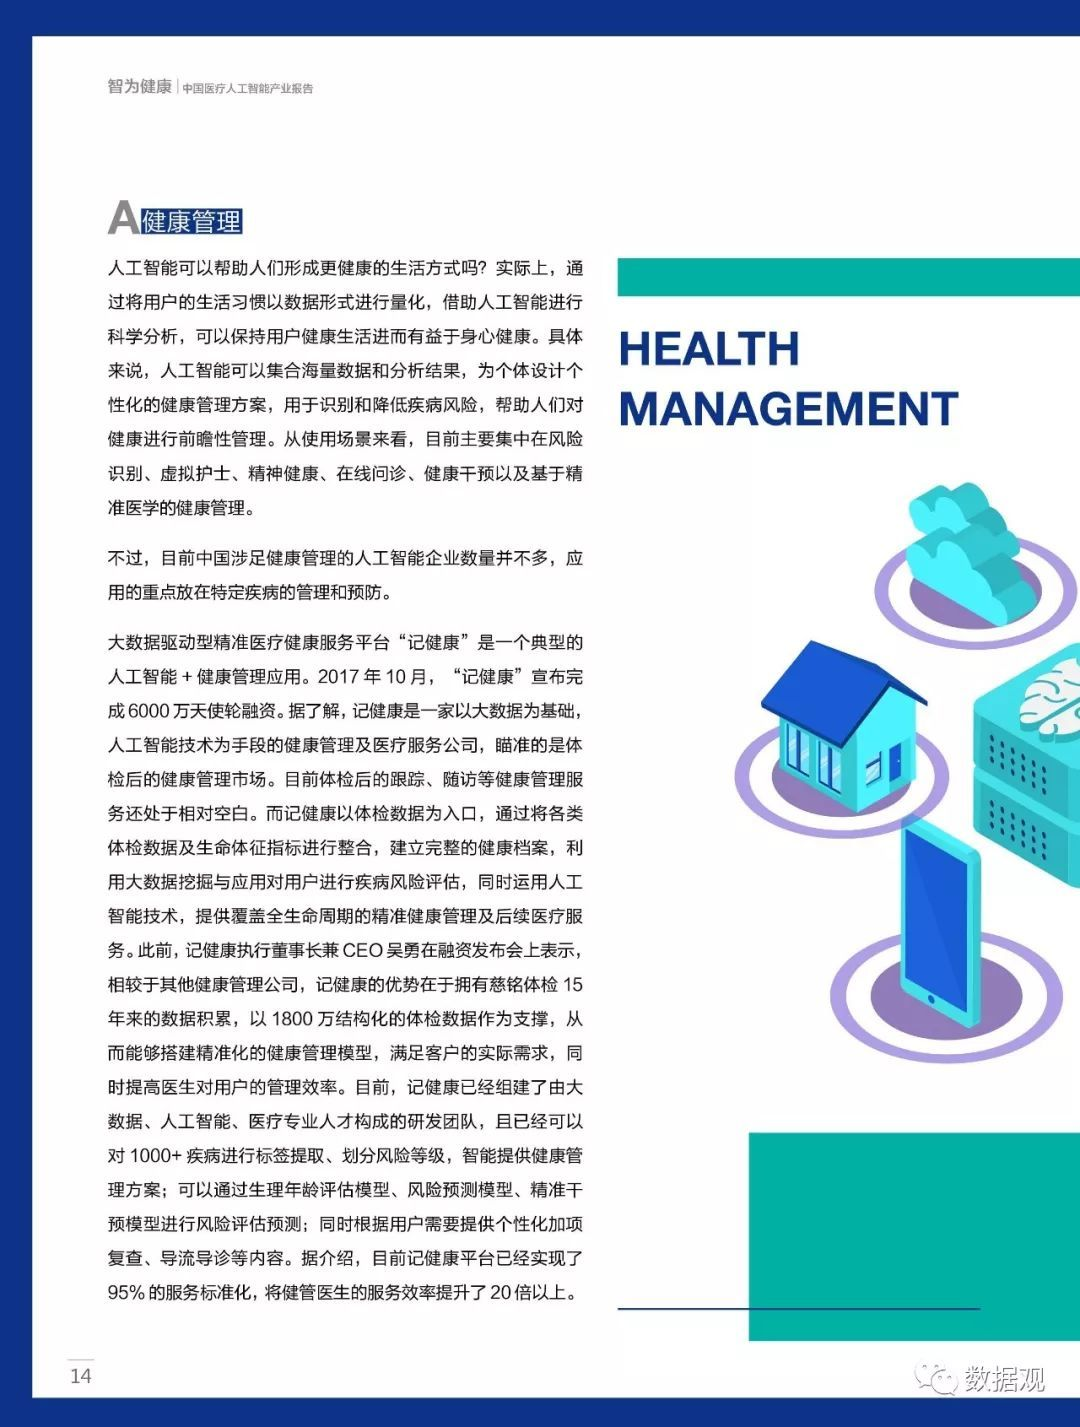 中中医疗人工智能产业报告:2018上半年bet36备用超31亿(报告全文)